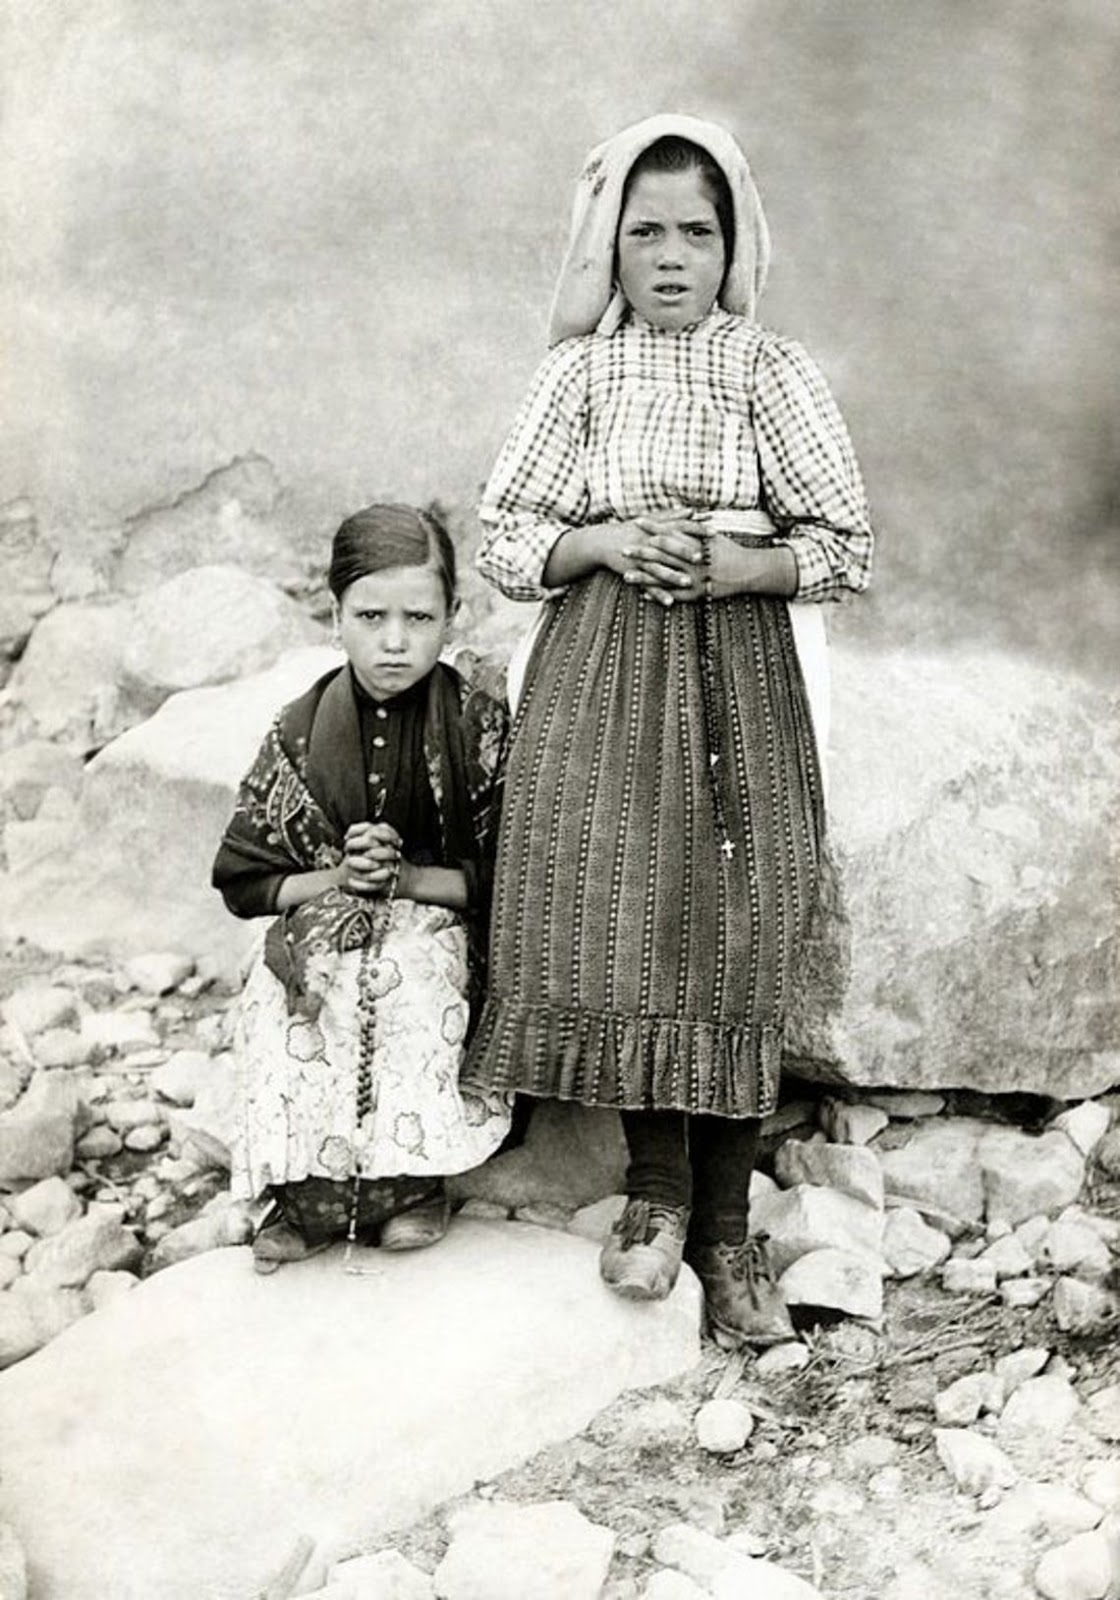 Những bức ảnh hiếm của các thị nhân Fatima, Lucia, Jacinta và Francisco